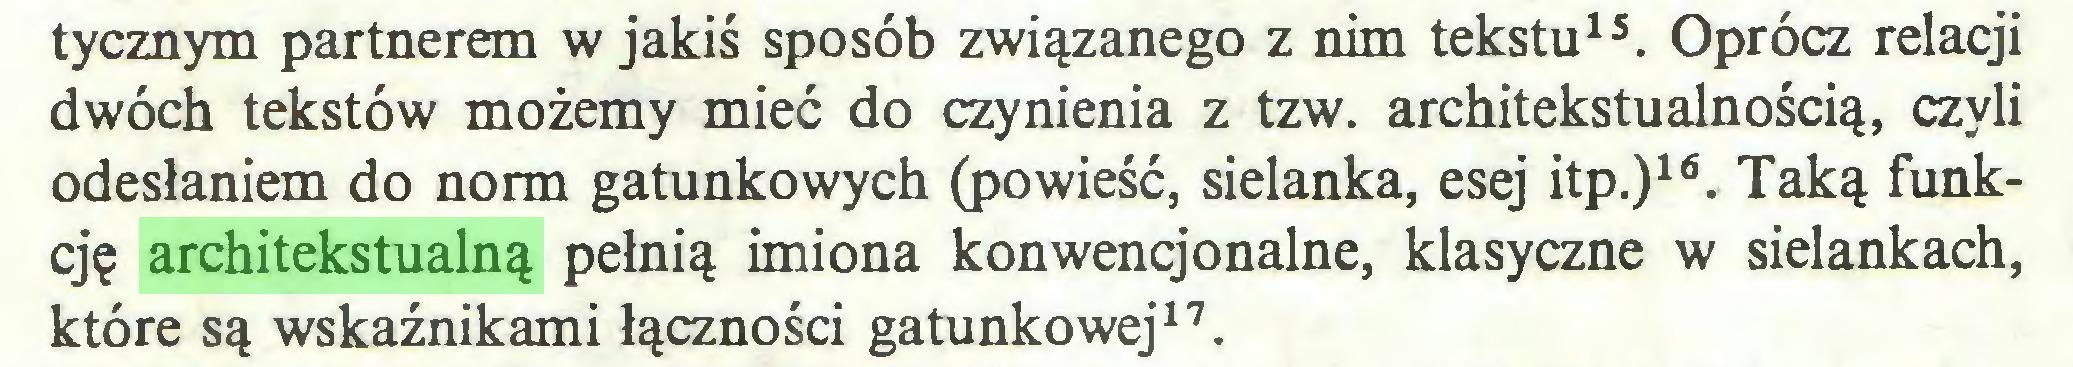 (...) tycznym partnerem w jakiś sposób związanego z nim tekstu15. Oprócz relacji dwóch tekstów możemy mieć do czynienia z tzw. architekstualnością, czyli odesłaniem do norm gatunkowych (powieść, sielanka, esej itp.)16. Taką funkcję architekstualną pełnią imiona konwencjonalne, klasyczne w sielankach, które są wskaźnikami łączności gatunkowej17...